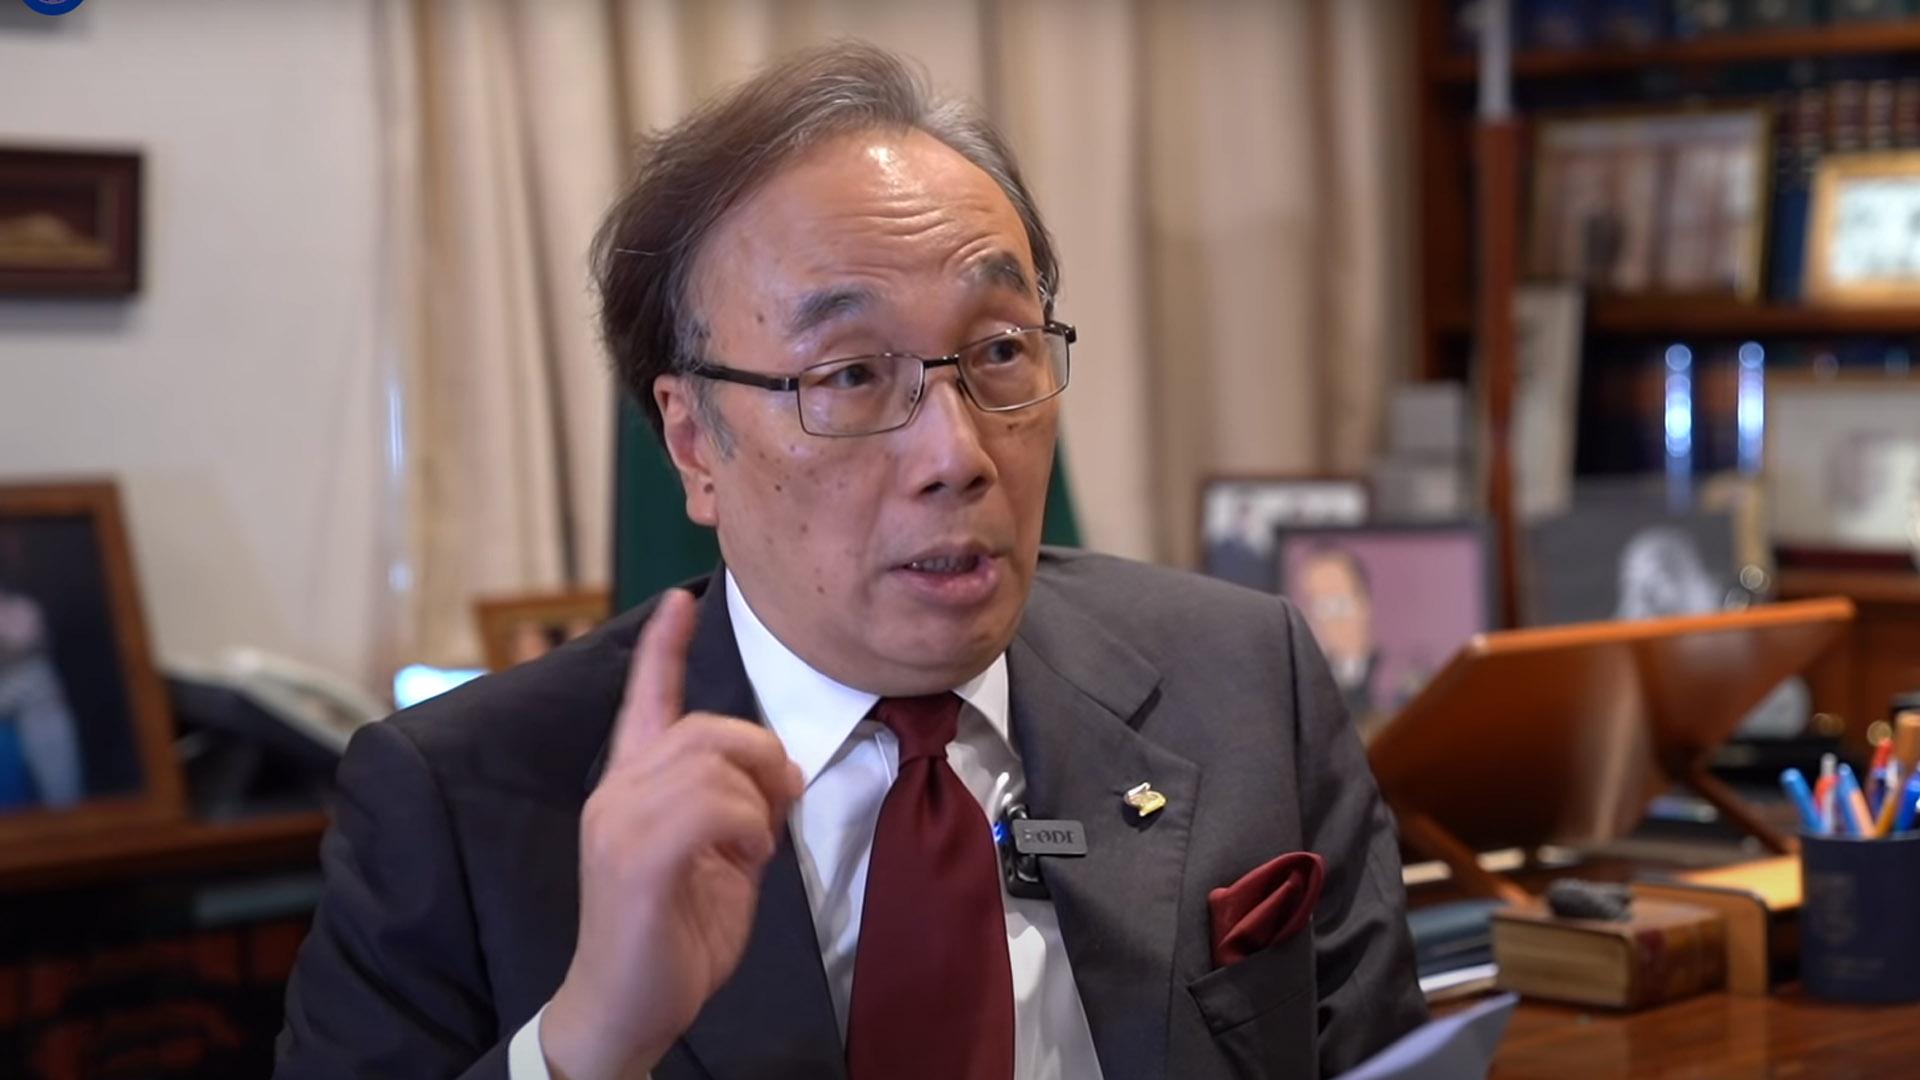 公民黨主席、資深大律師梁家傑。(大紀元採訪影片截圖)